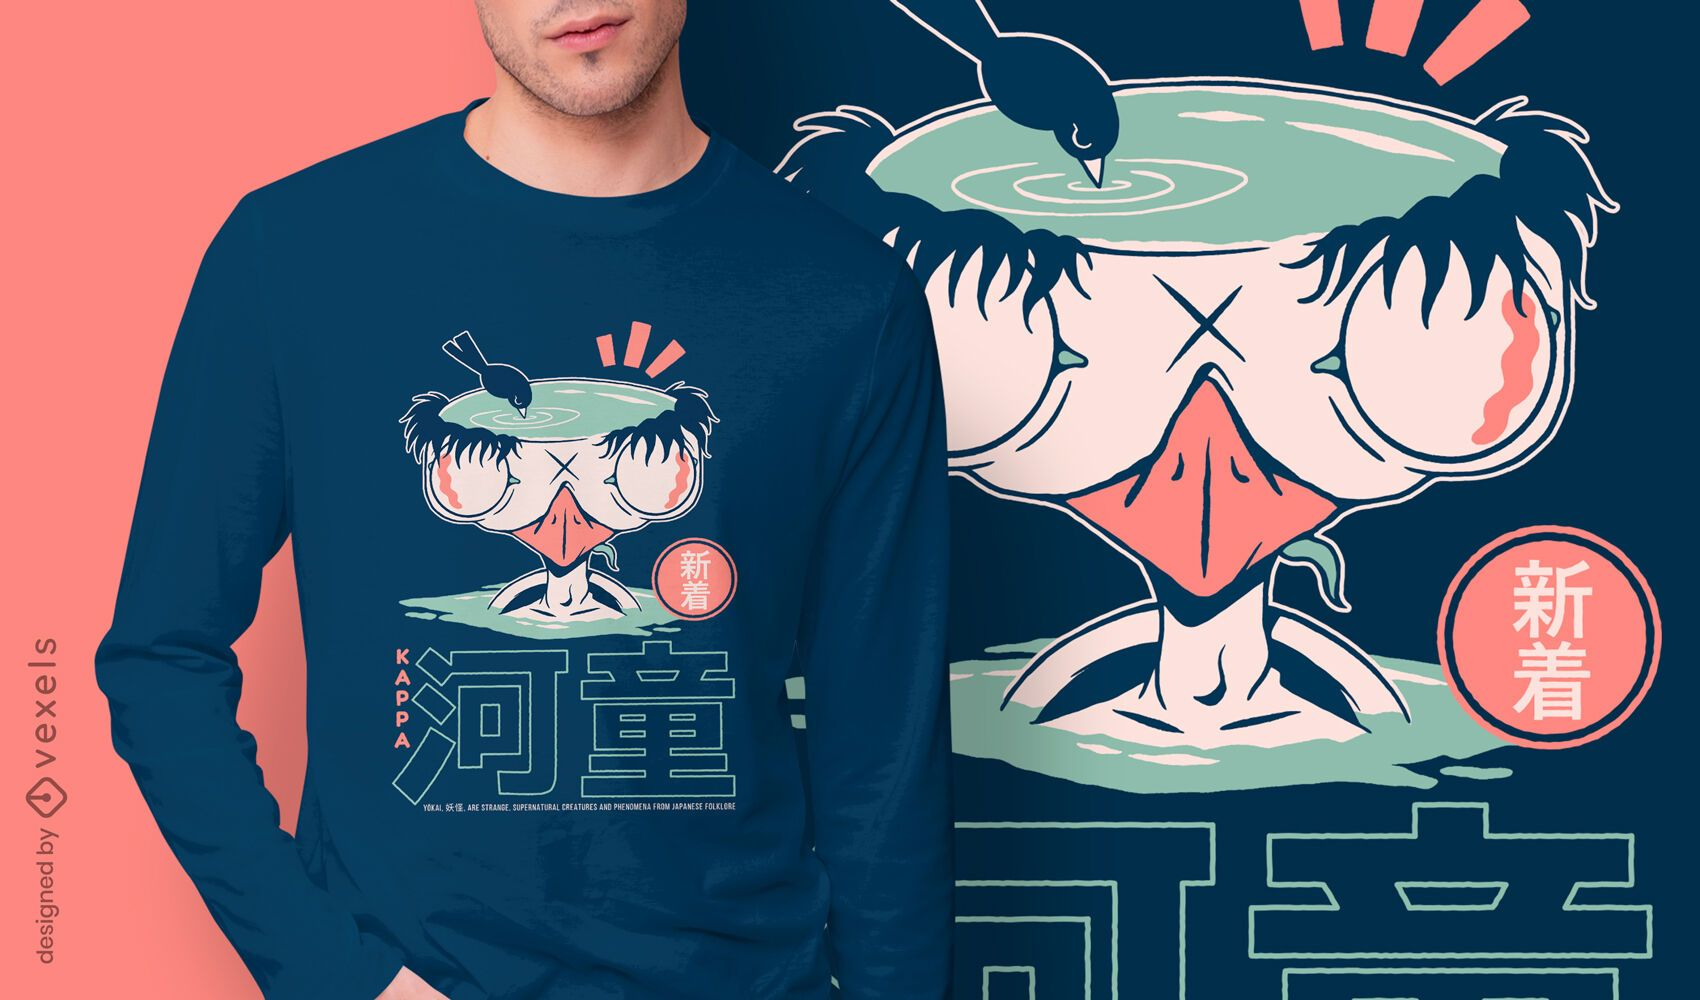 Kappa japanisches Yokai T-Shirt Design